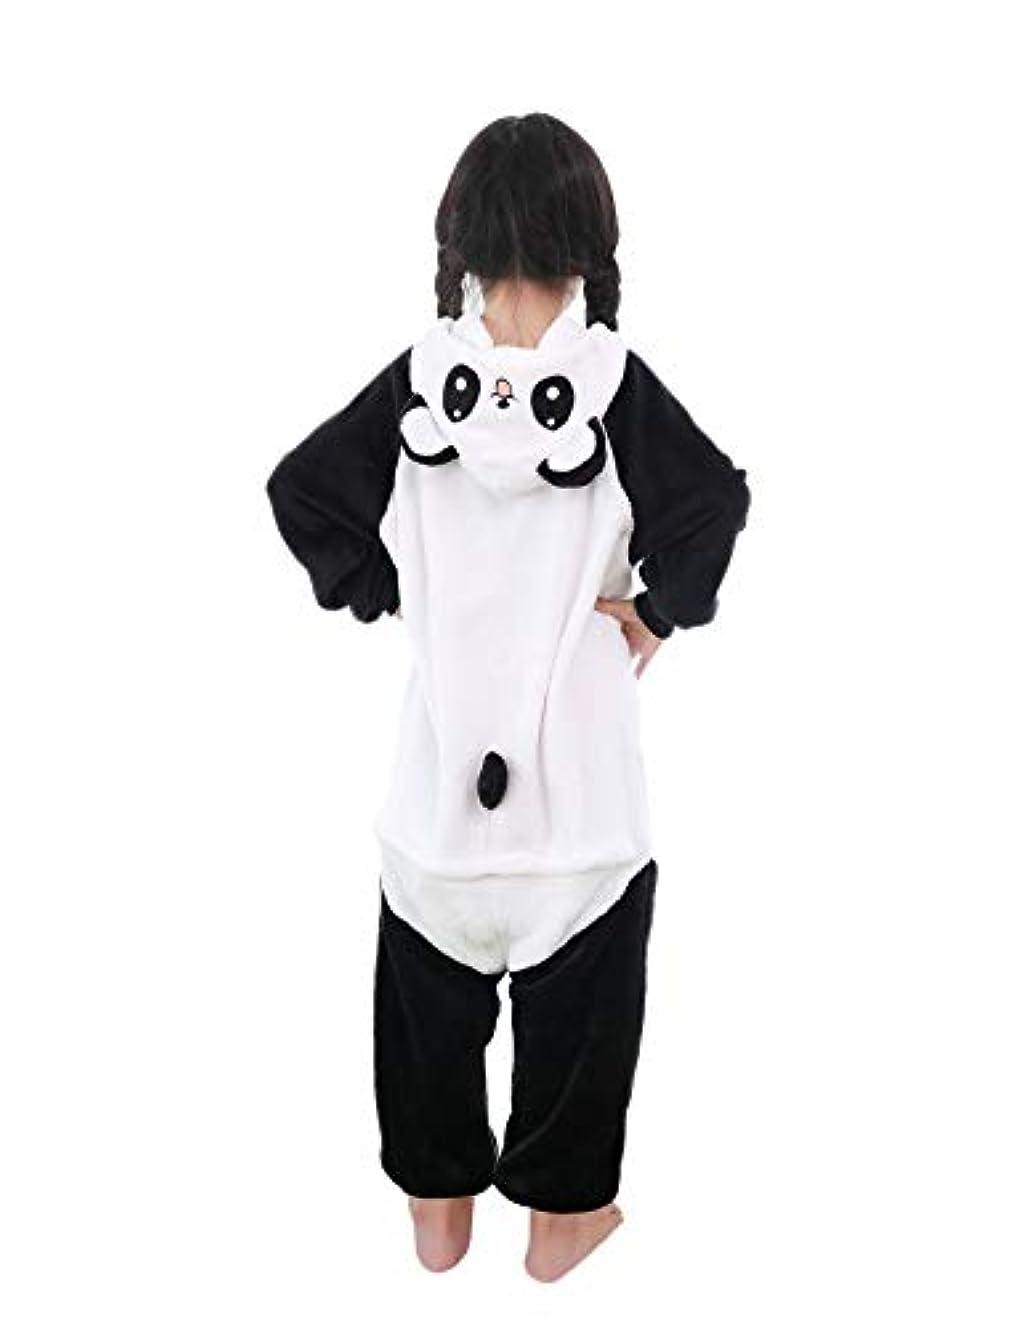 発表する援助する遠洋の子供用 パンダ着ぐるみ パンダパジャマ 動物 パジャマ コスプレ コスチューム 部屋着 男女兼用 (120CM)